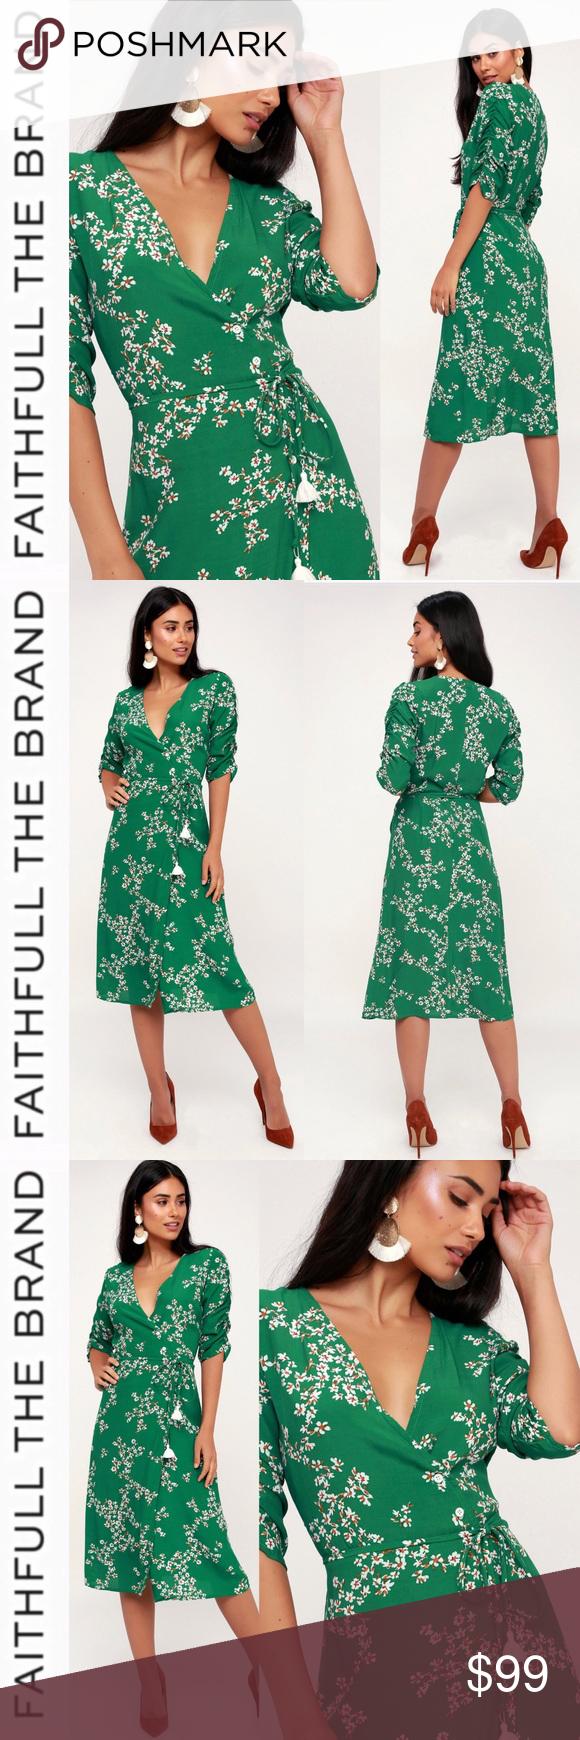 1b6aea2023d8 Faithfull the Brand Green Floral Wrap Dress The Faithfull the Brand Anne  Marie Green Floral